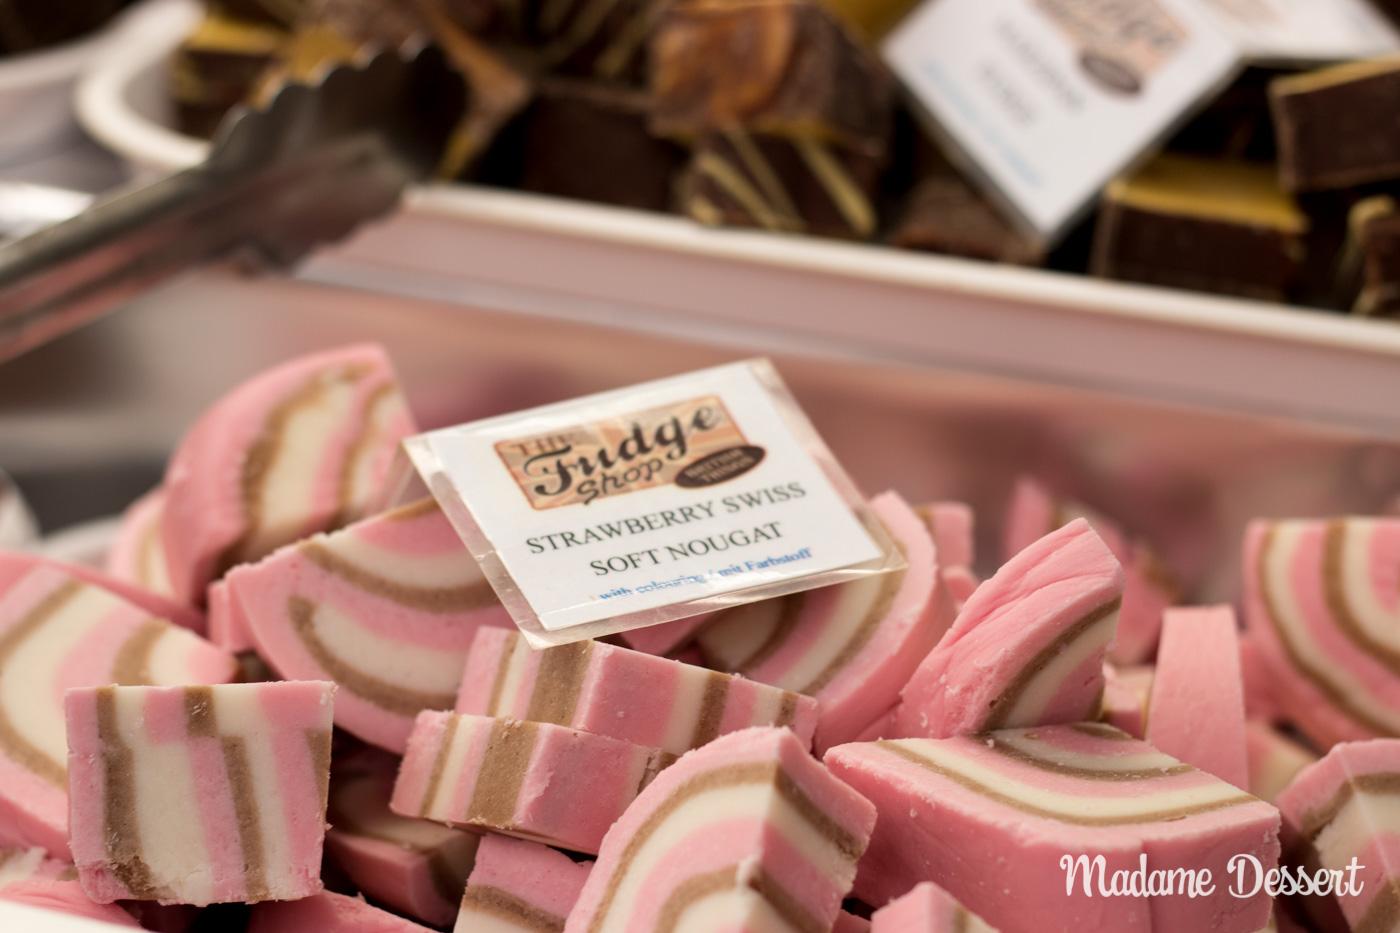 Mainfranken Messe 2015 | Madame Dessert